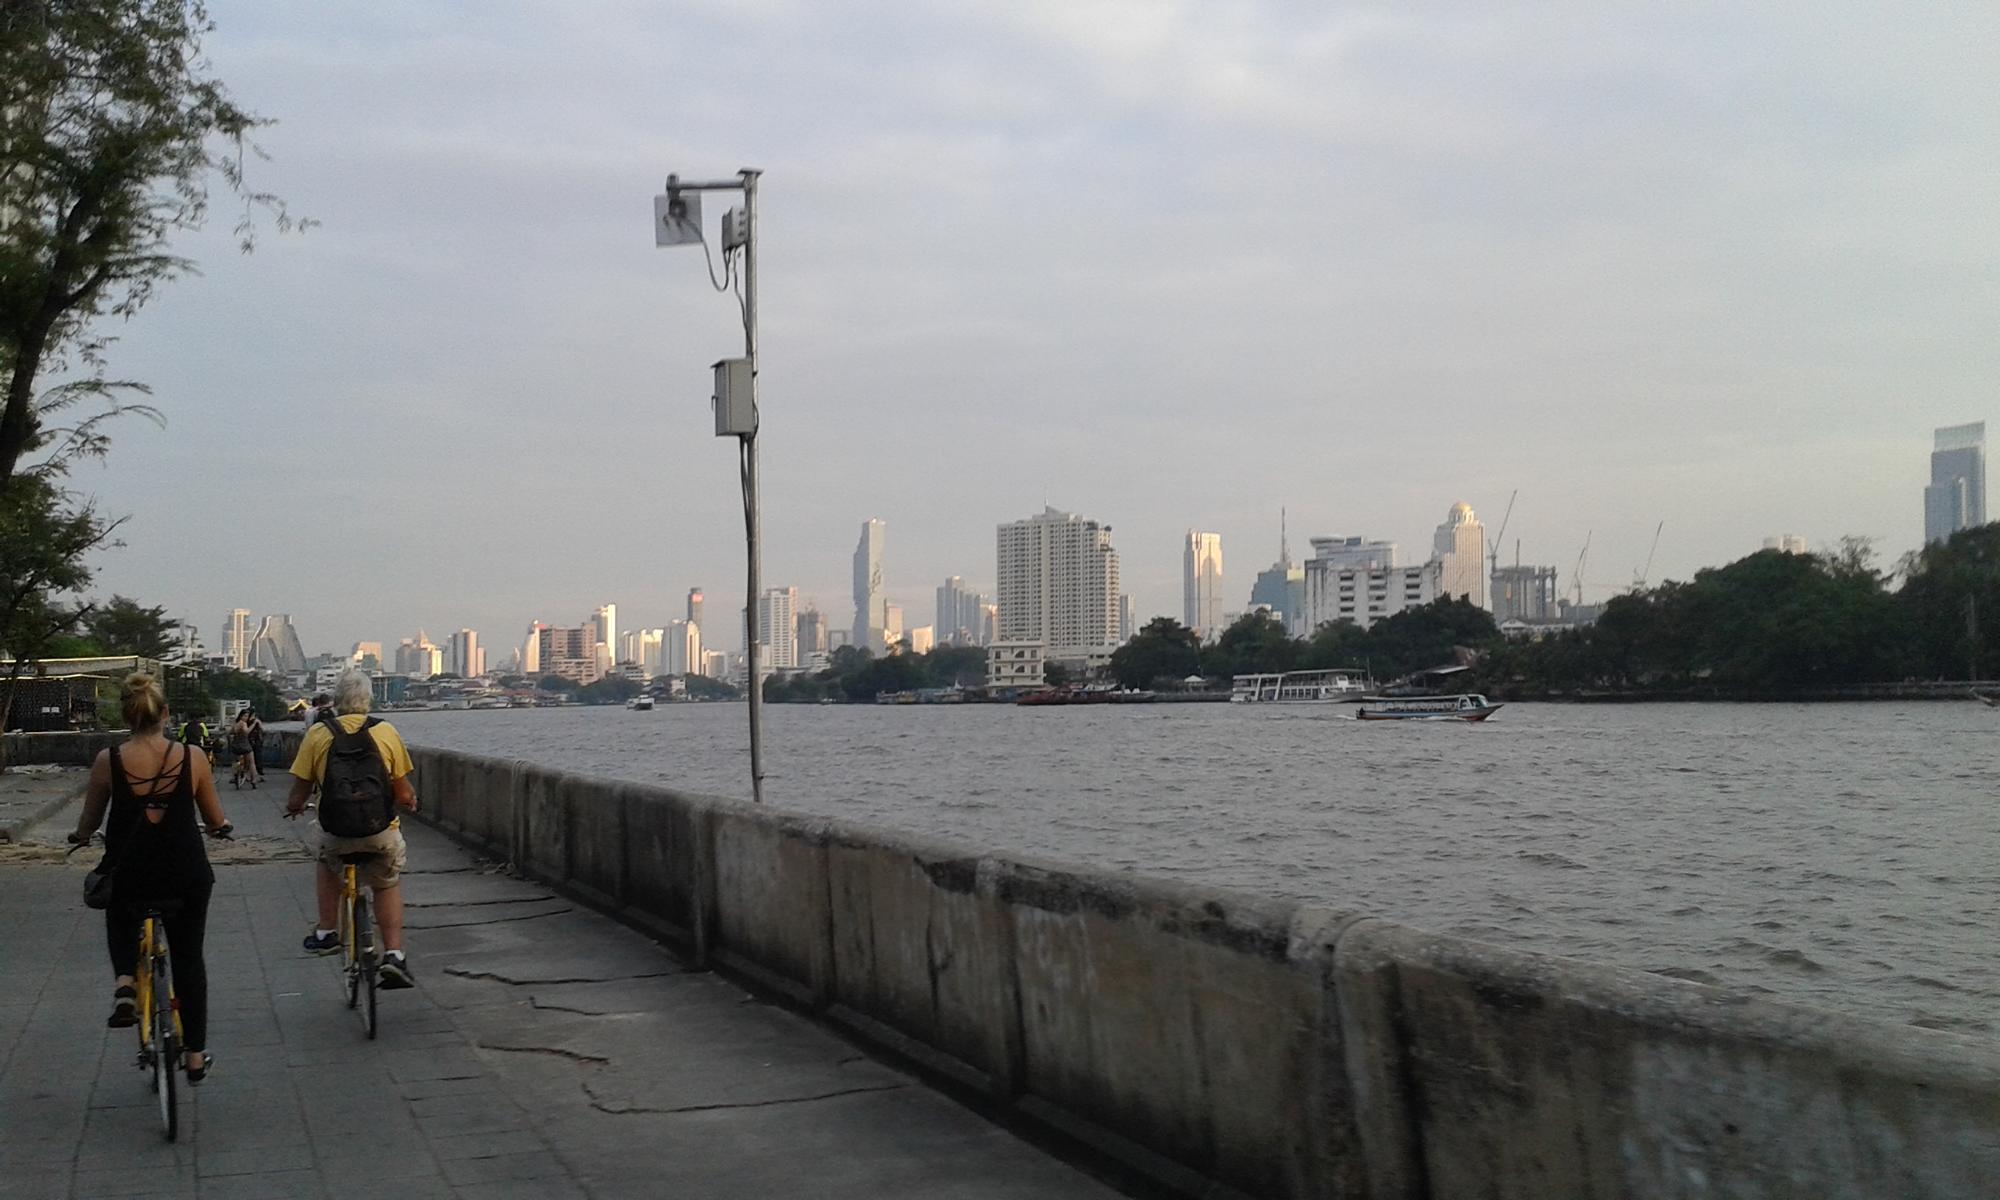 Fahrradfahrt am Fluss